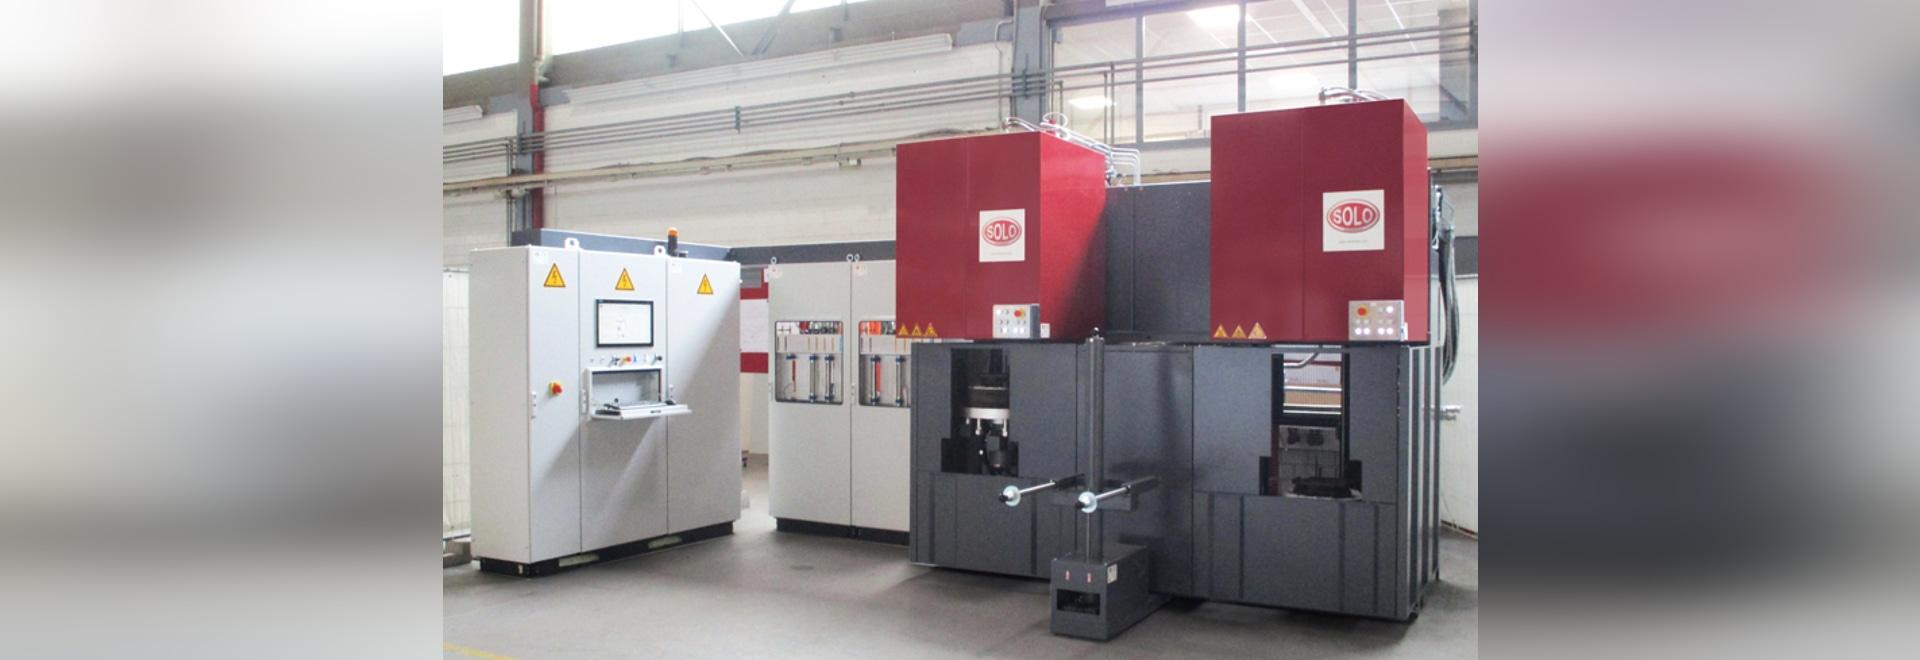 Fours SOLO® sous atmosphère pour le traitement thermique des aiguilles en Turquie